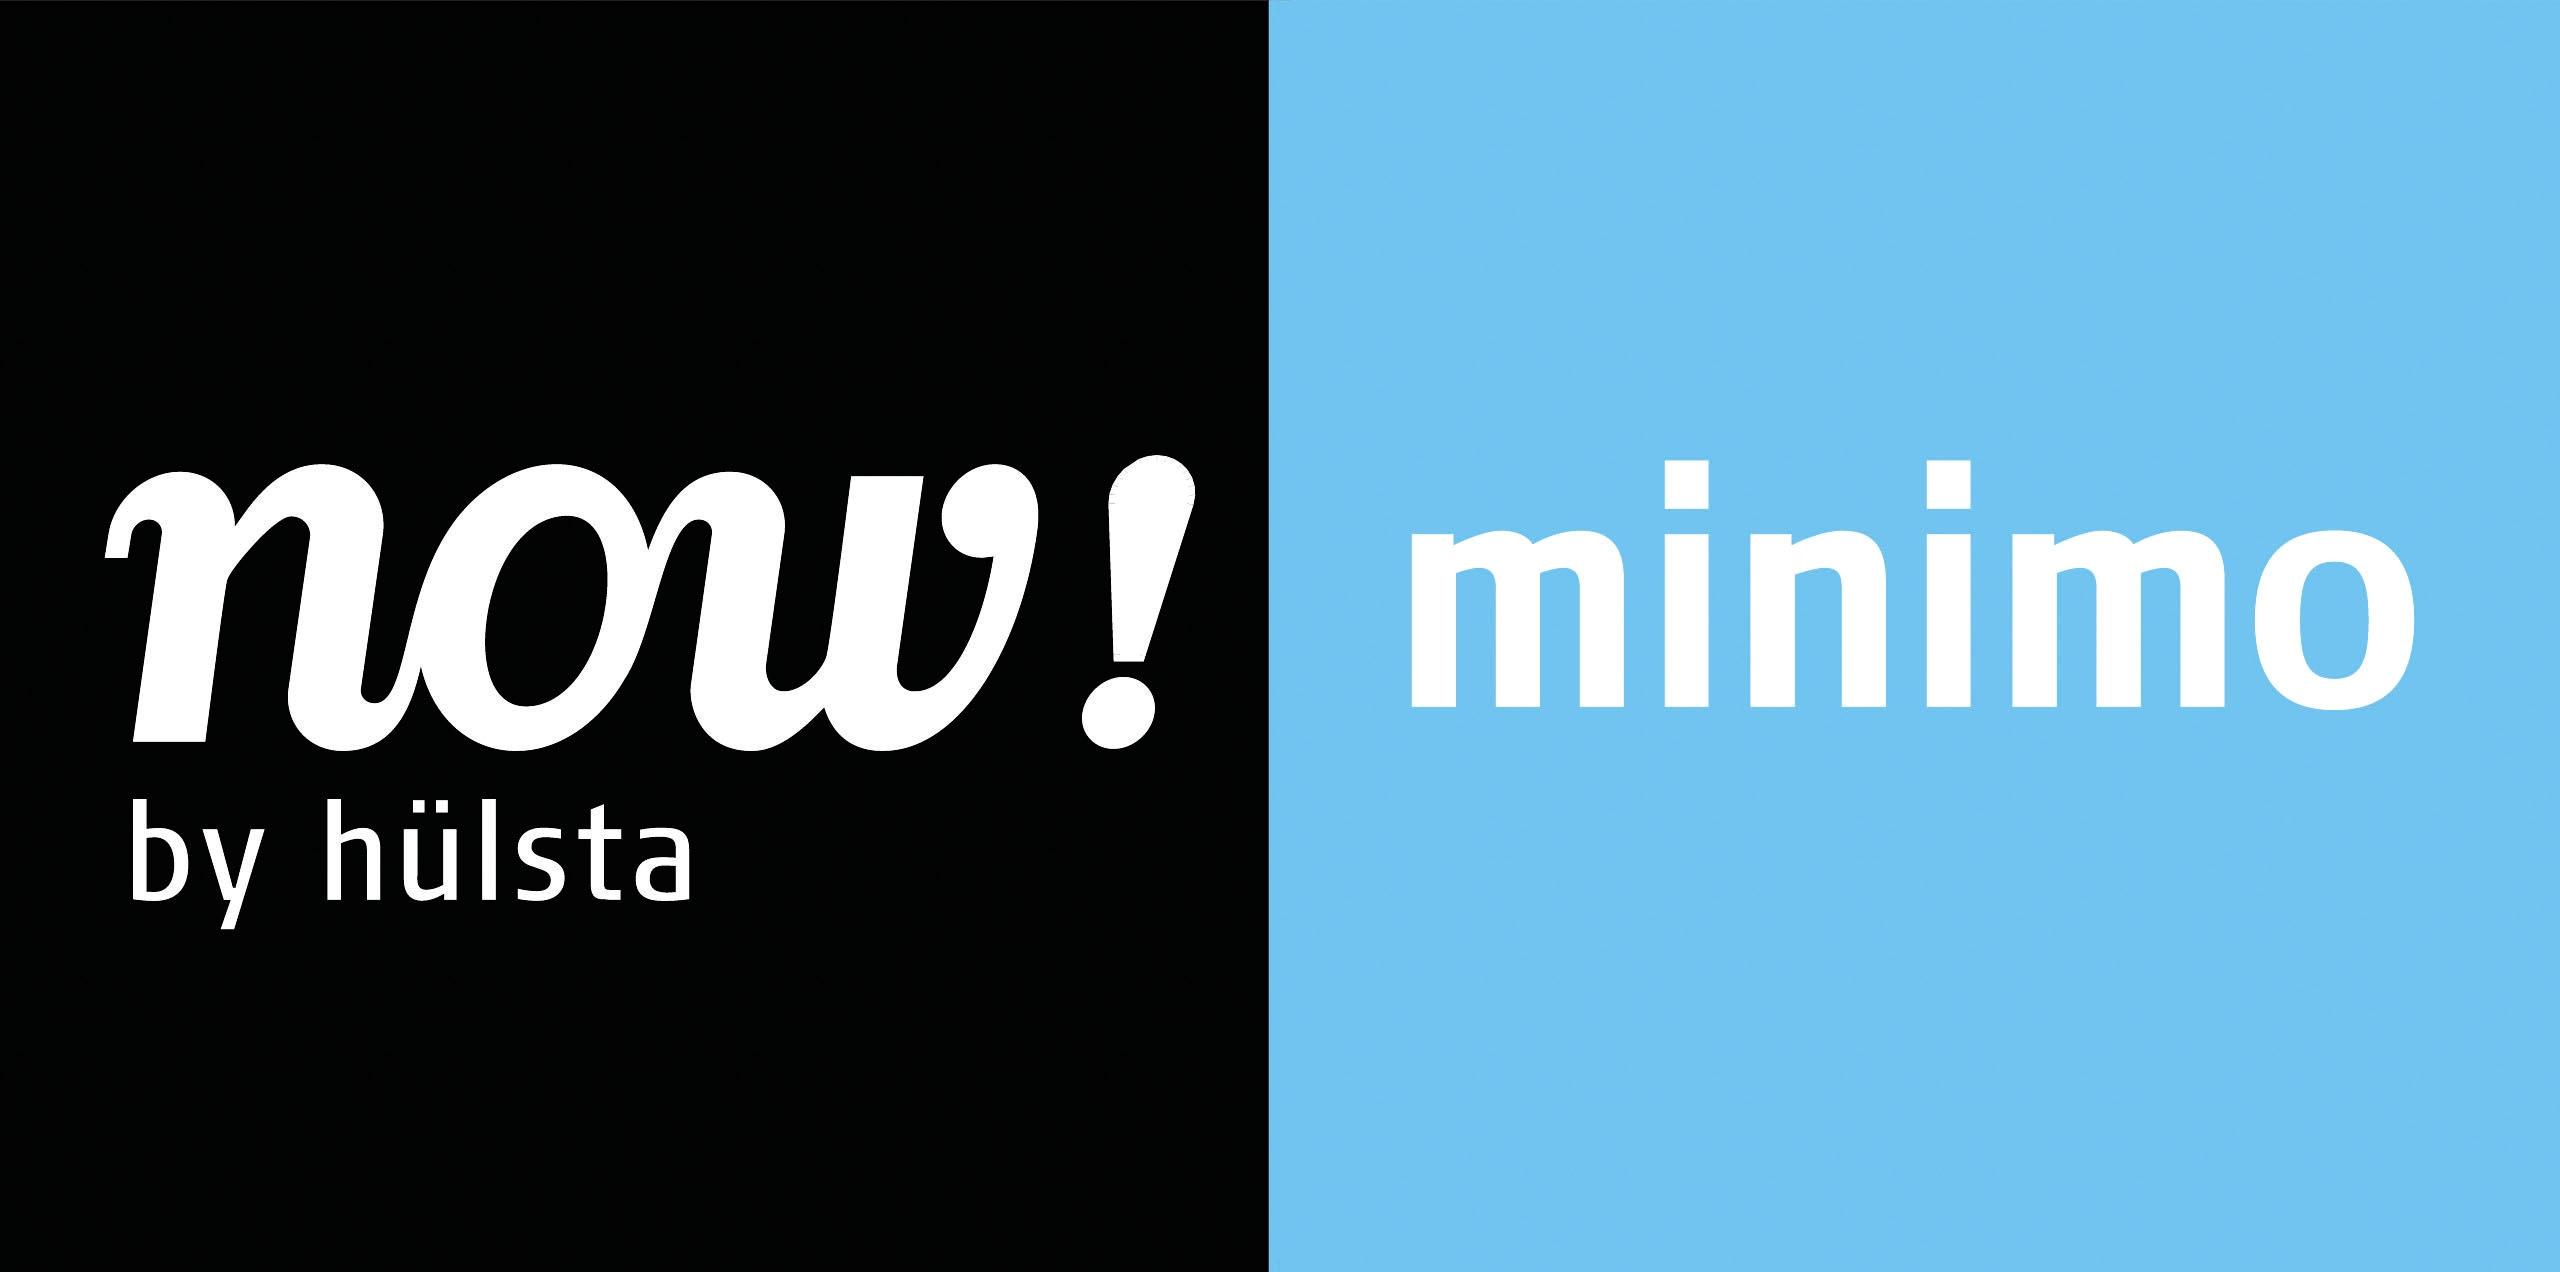 now! by hülsta Babyzimmer-Komplettset now! minimo (Set 5-tlg) | Kinderzimmer > Babymöbel > Komplett-Babyzimmer | Blau | Now! By Hülsta